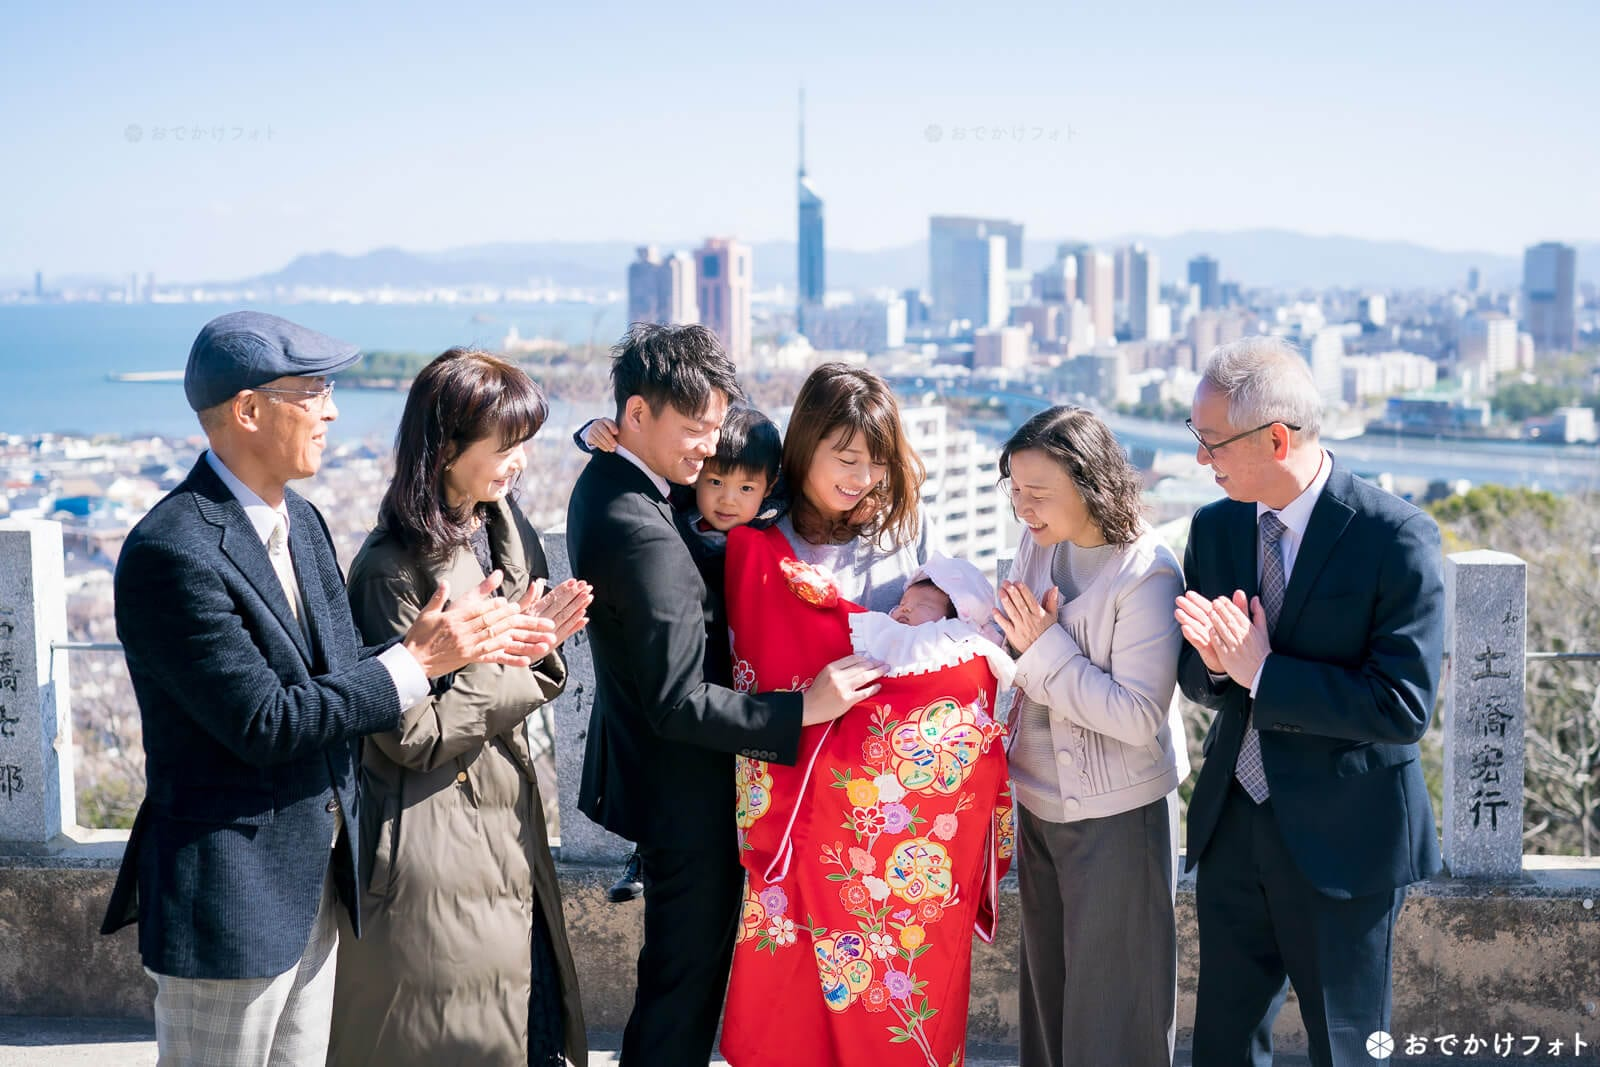 愛宕神社で福岡タワーと一緒に家族写真